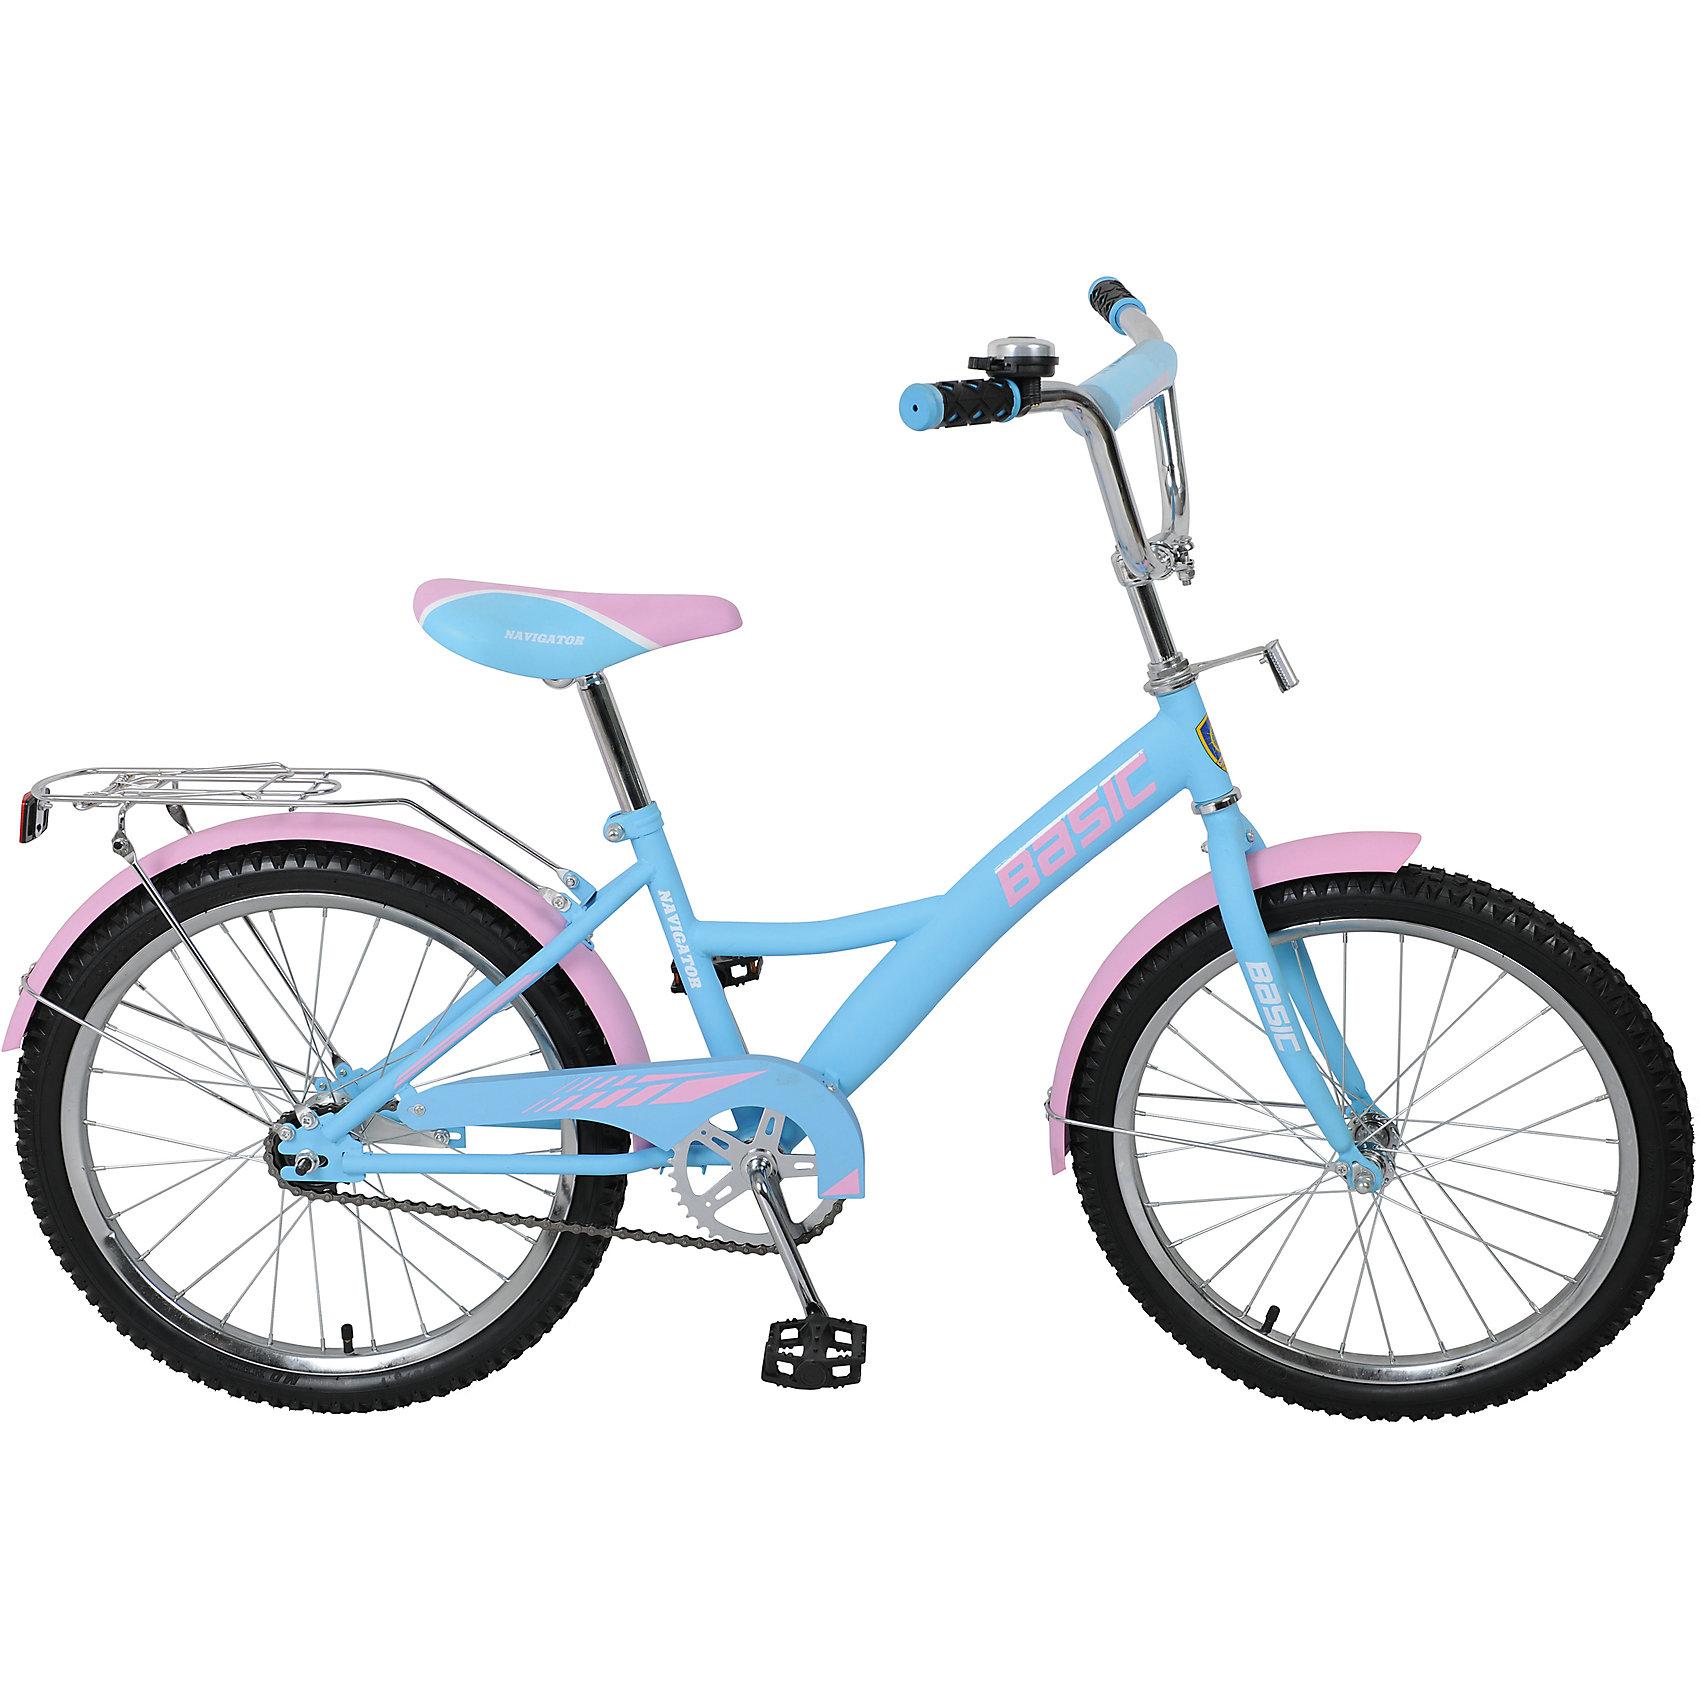 Велосипед Basic, голубо-розовый, NavigatorВелосипеды детские<br>Велосипед Basic, голубо-розовый, Navigator (Навигатор) – это яркий, стильный, надежный велосипед высокого качества.<br>Детский велосипед Basic KITE-тип, обладает яркой расцветкой и стильными формами. продуманная конструкция сводит к минимуму риск получить травму. Жесткая рама велосипеда выполнена из высокопрочного металла. Покрытие рамы устойчиво к царапинам. Высота руля и сиденья легко регулируется в соответствии с возрастом и ростом ребенка. Мягкая накладка на руле обеспечит небольшое смягчение при падении на руль. Колеса оснащены резиновыми шинами, которые хорошо удерживают воздух. Велосипед имеет дополнительные широкие страховочные колеса, защиту цепи, стальные обода для защиты от брызг, удобное сиденье эргономичной формы, звонок, задний багажник. На ручках руля нескользящие накладки. Катание на велосипеде поможет ребенку укрепить опорно-двигательную и сердечнососудистую системы.<br><br>Дополнительная информация:<br><br>- Возрастная категория: от 7 до 10 лет<br>- Подходит для детей ростом 120-145 см.<br>- Диаметр колёс: 20 дюймов<br>- Односоставной шатун<br>- Ножной тормоз<br>- Материал рамы: сталь<br>- Цвет: голубой, розовый<br>- Вес в упаковке: 11,8 кг.<br><br>Велосипед Basic, голубо-розовый, Navigator (Навигатор) можно купить в нашем интернет-магазине.<br><br>Ширина мм: 1040<br>Глубина мм: 165<br>Высота мм: 510<br>Вес г: 11800<br>Возраст от месяцев: 84<br>Возраст до месяцев: 144<br>Пол: Унисекс<br>Возраст: Детский<br>SKU: 4655123